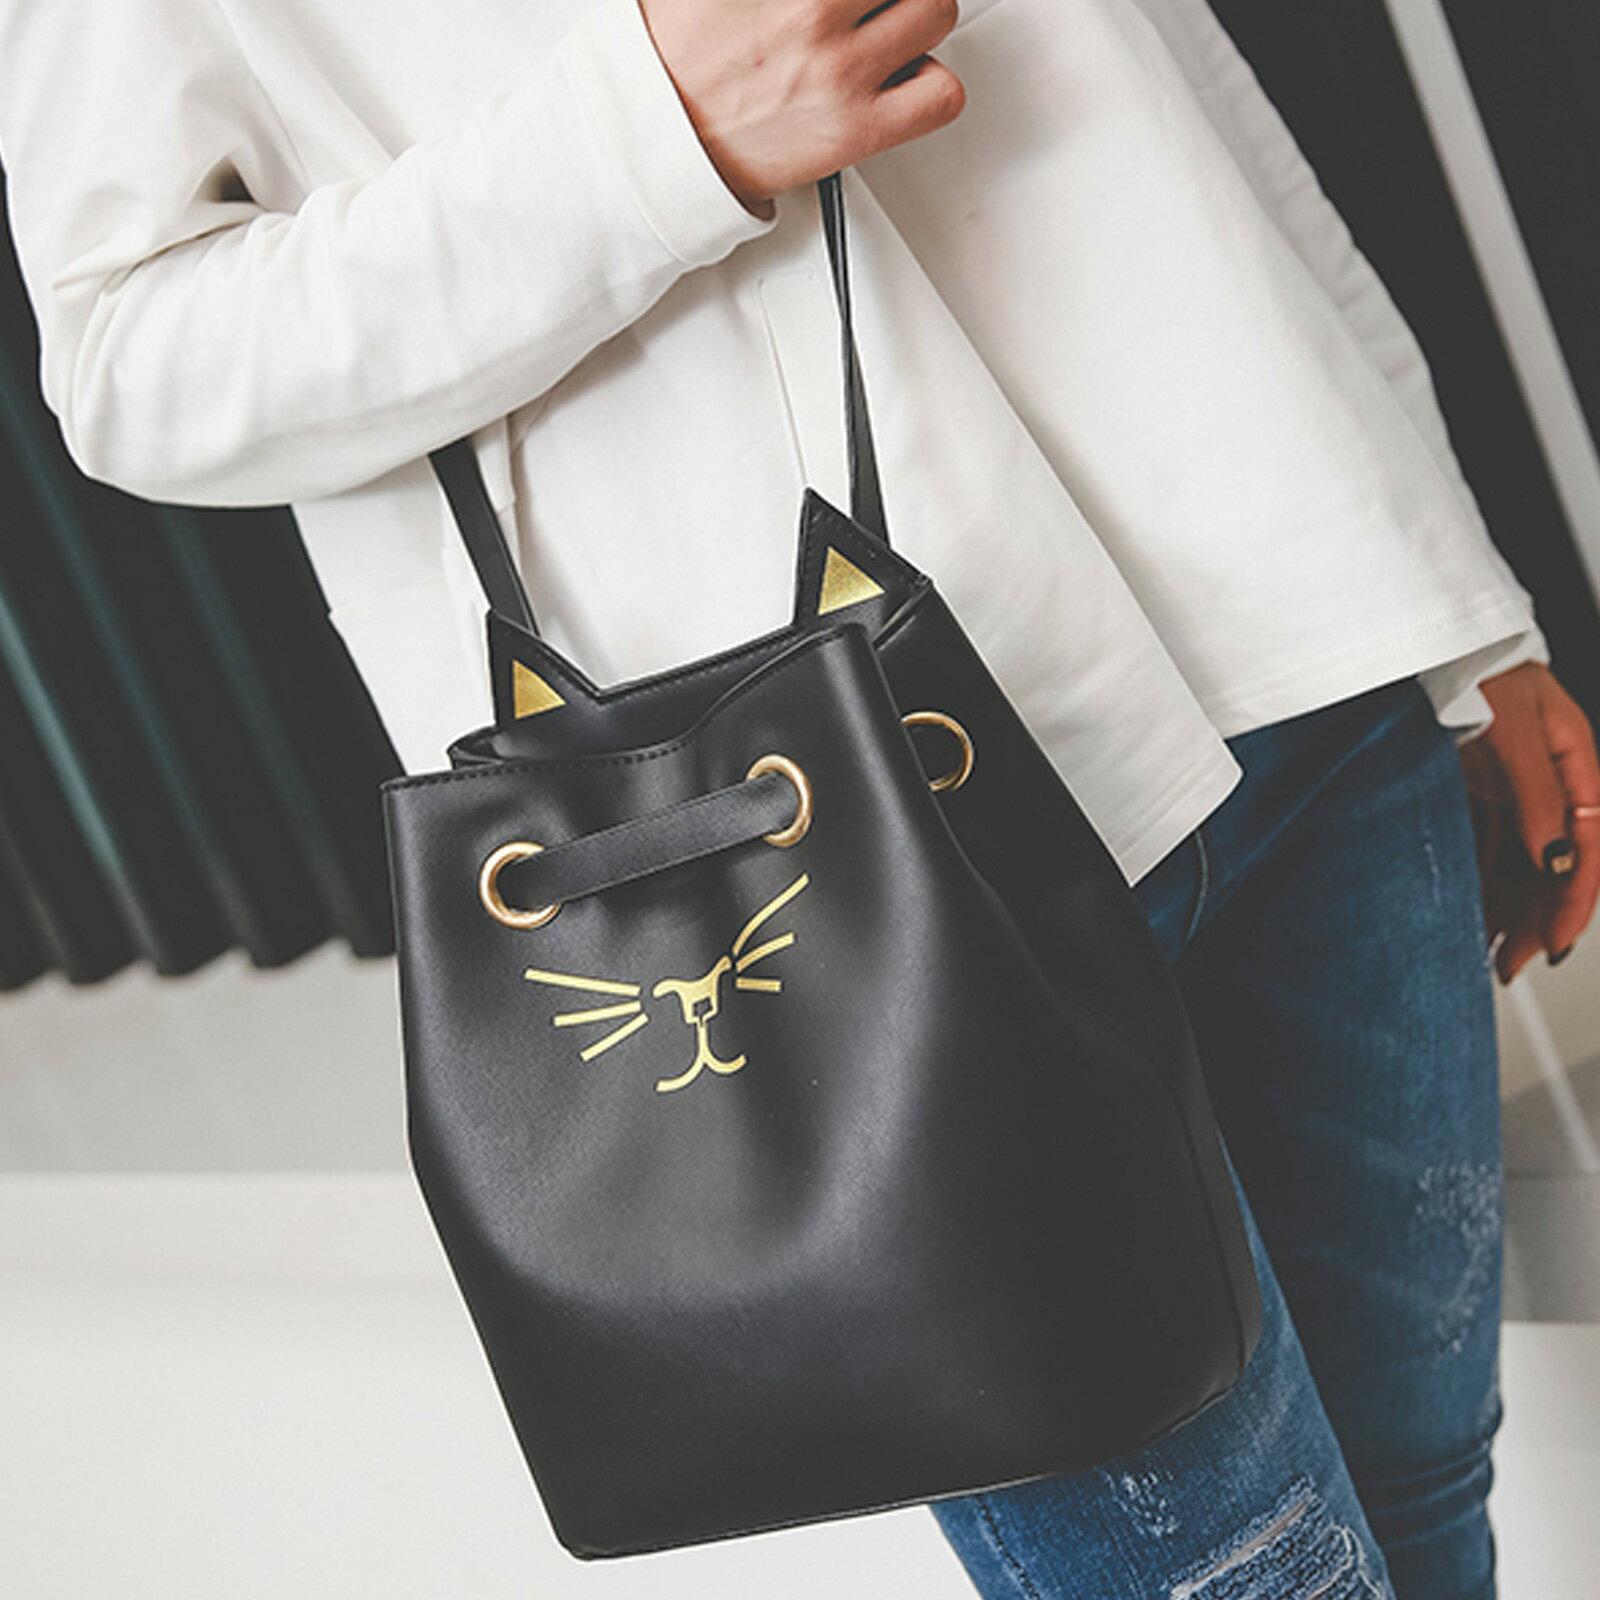 側背包 超萌貓臉刺繡皮革側背水桶包【O3212】☆雙兒網☆ 0